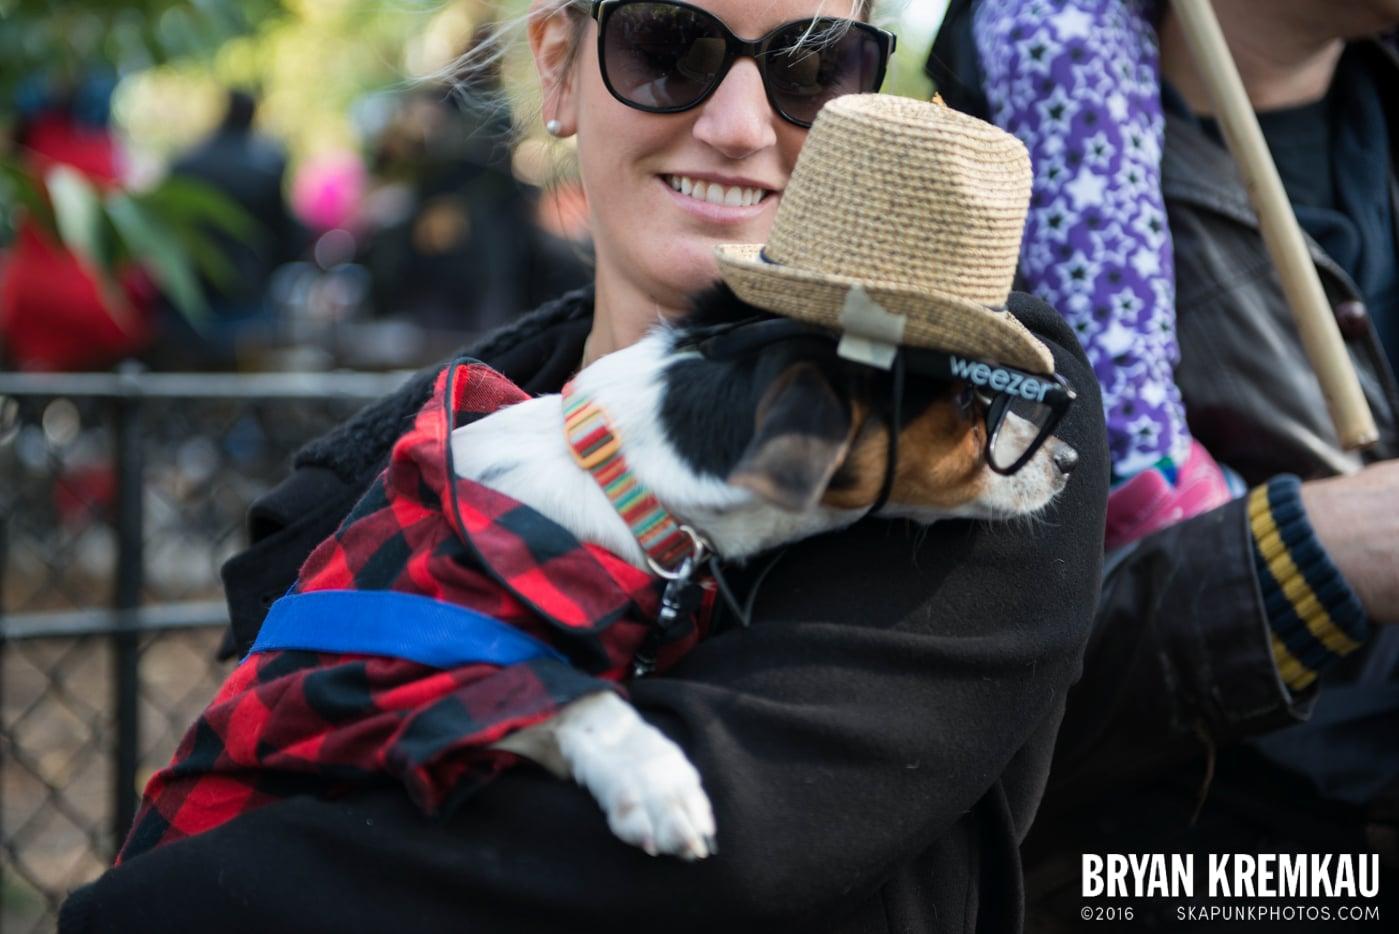 Tompkins Square Halloween Dog Parade 2013 @ Tompkins Square Park, NYC - 10.26.13 (8)